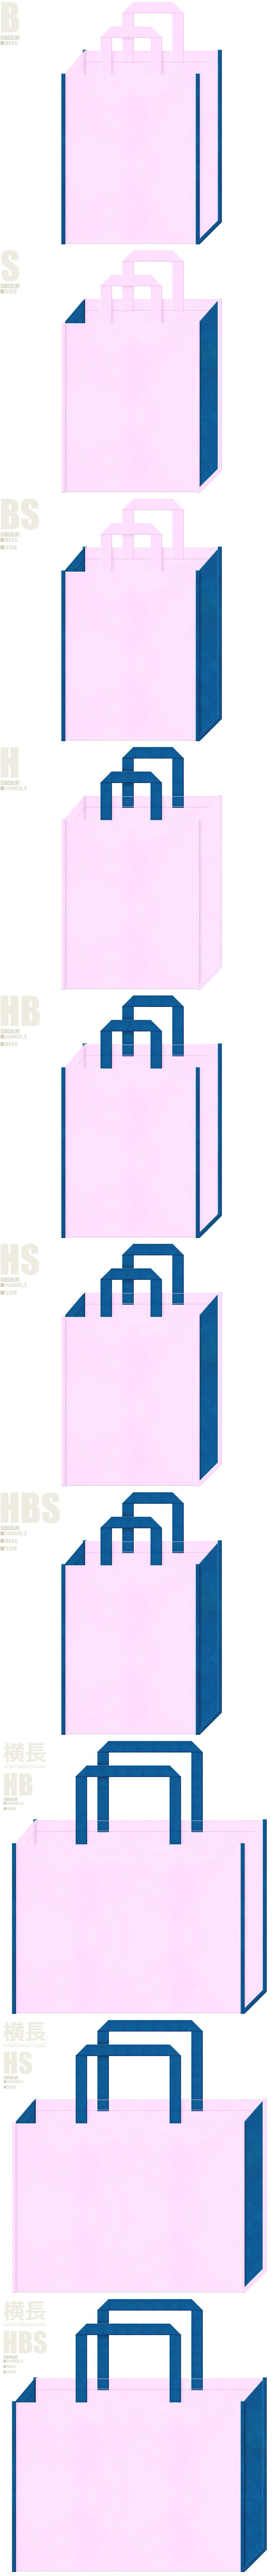 魔法・おもちゃ・絵本・おとぎ話・テーマパーク・キッズイベントにお奨めの不織布バッグデザイン:パステルピンク色と青色の配色7パターン。